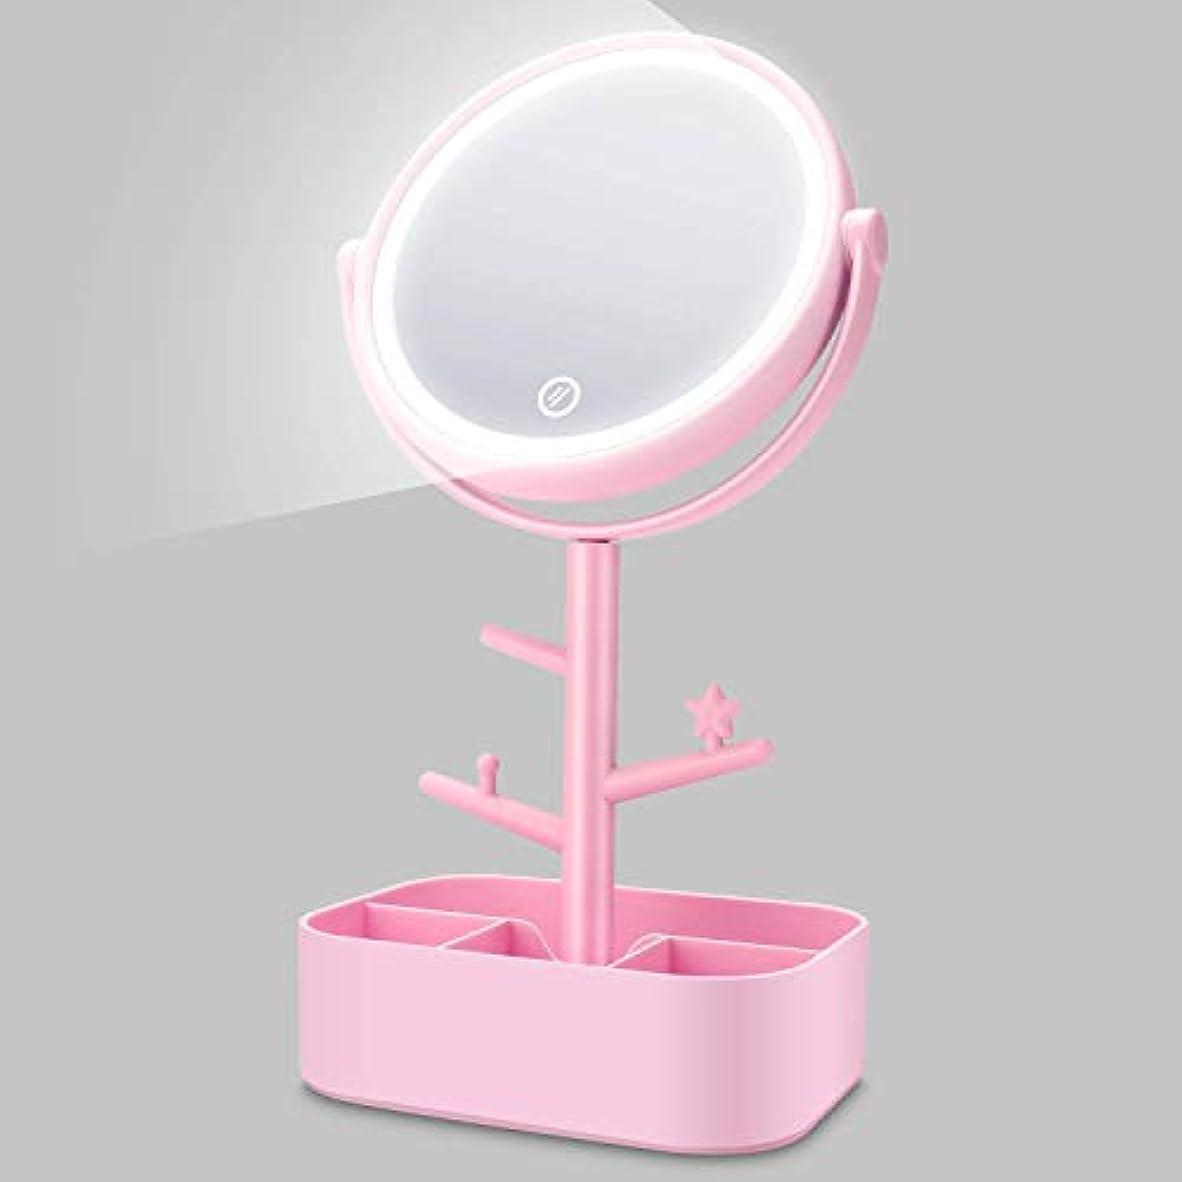 冊子アルカイック騒化粧鏡 Aidbucks LED 卓上鏡 メイク 女優 スタンドミラー LEDライト付き 明るさ調節可 充電式 360度回転 収納 自然光 柔らかい光 折りたたみ式 USB/乾電池給電 ピンク